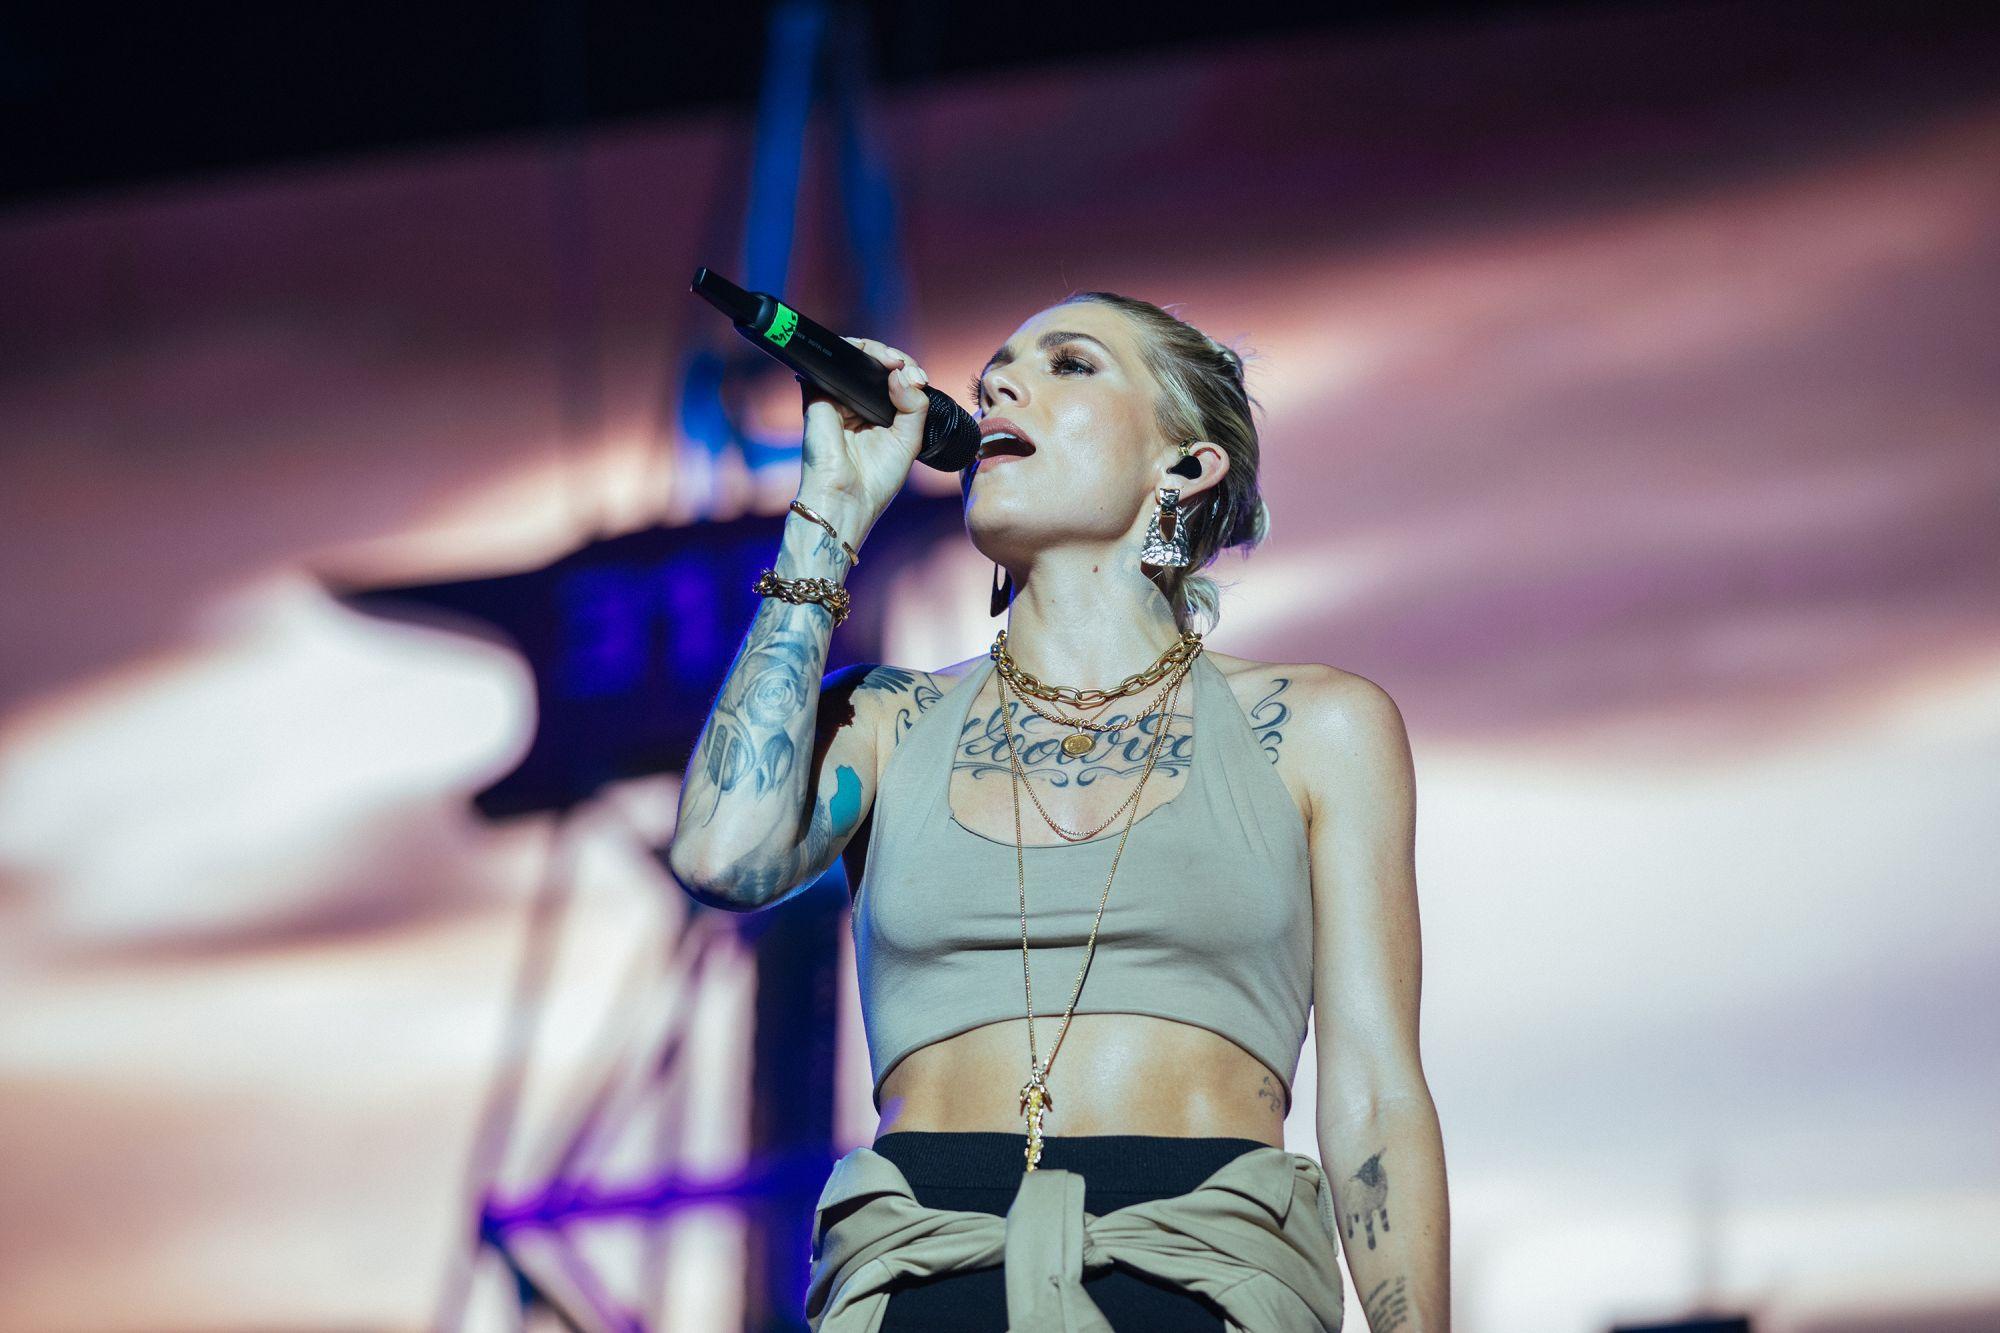 Skylar Grey Eminem Live at Abu Dhabi 25.10.2019, Photo - Jeremy Deputat